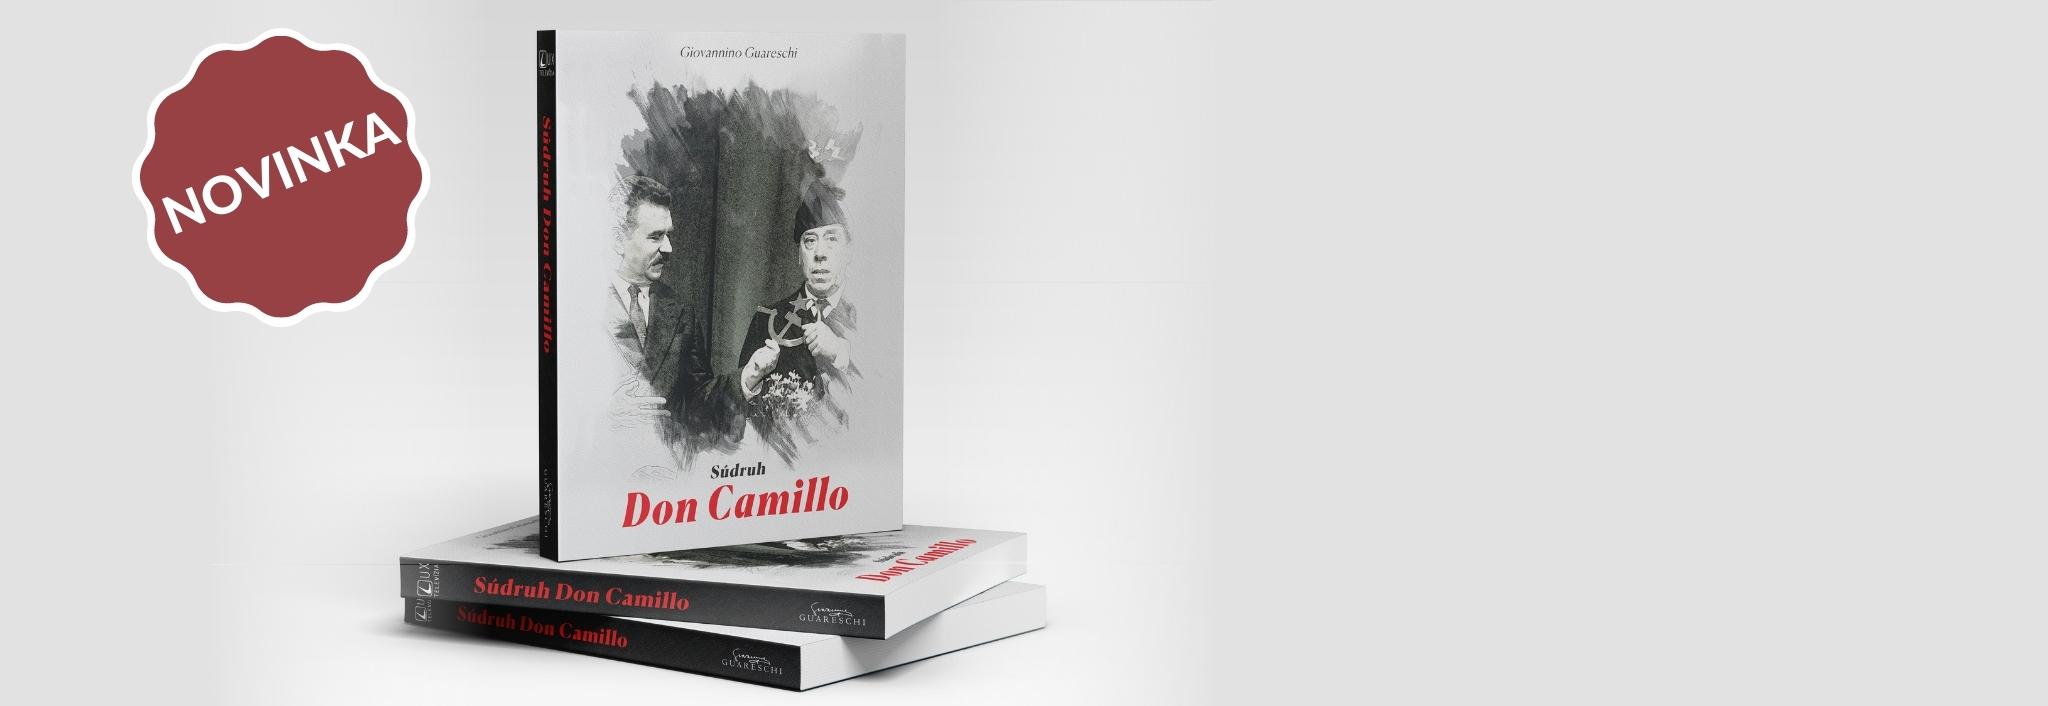 Súdruh Don Camillo